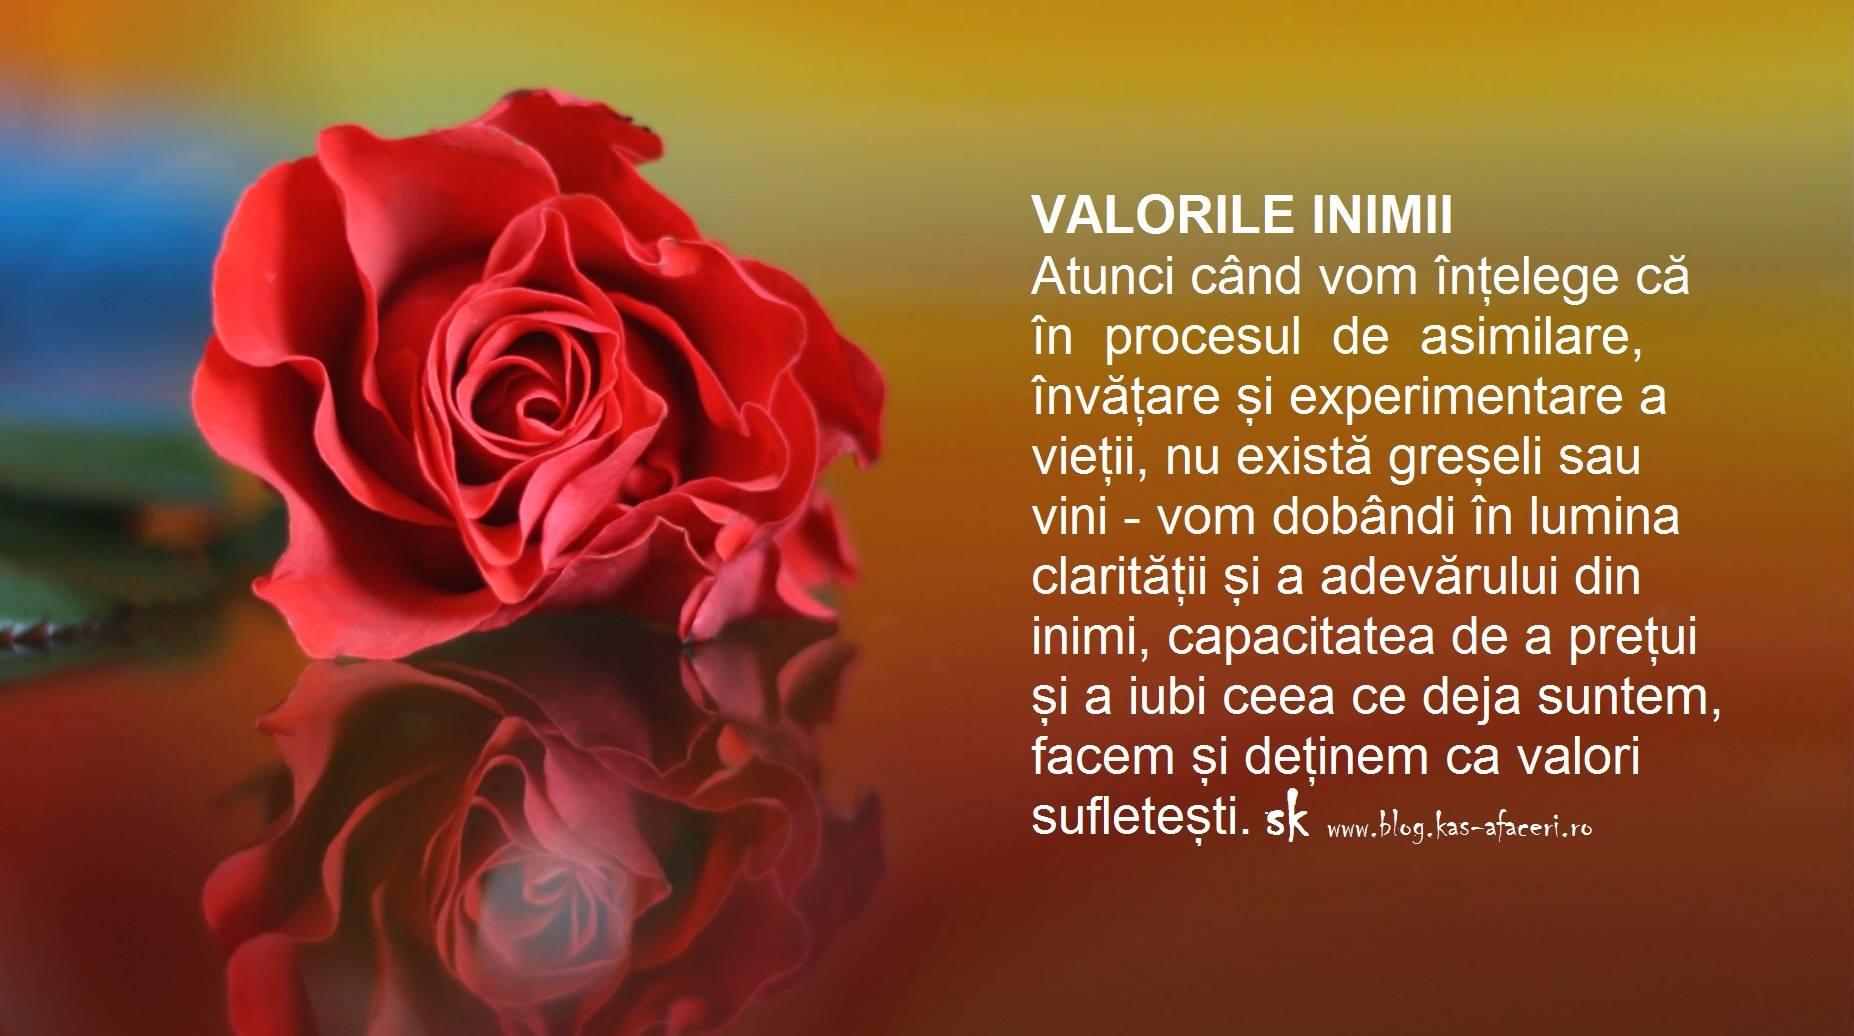 valorile inimii